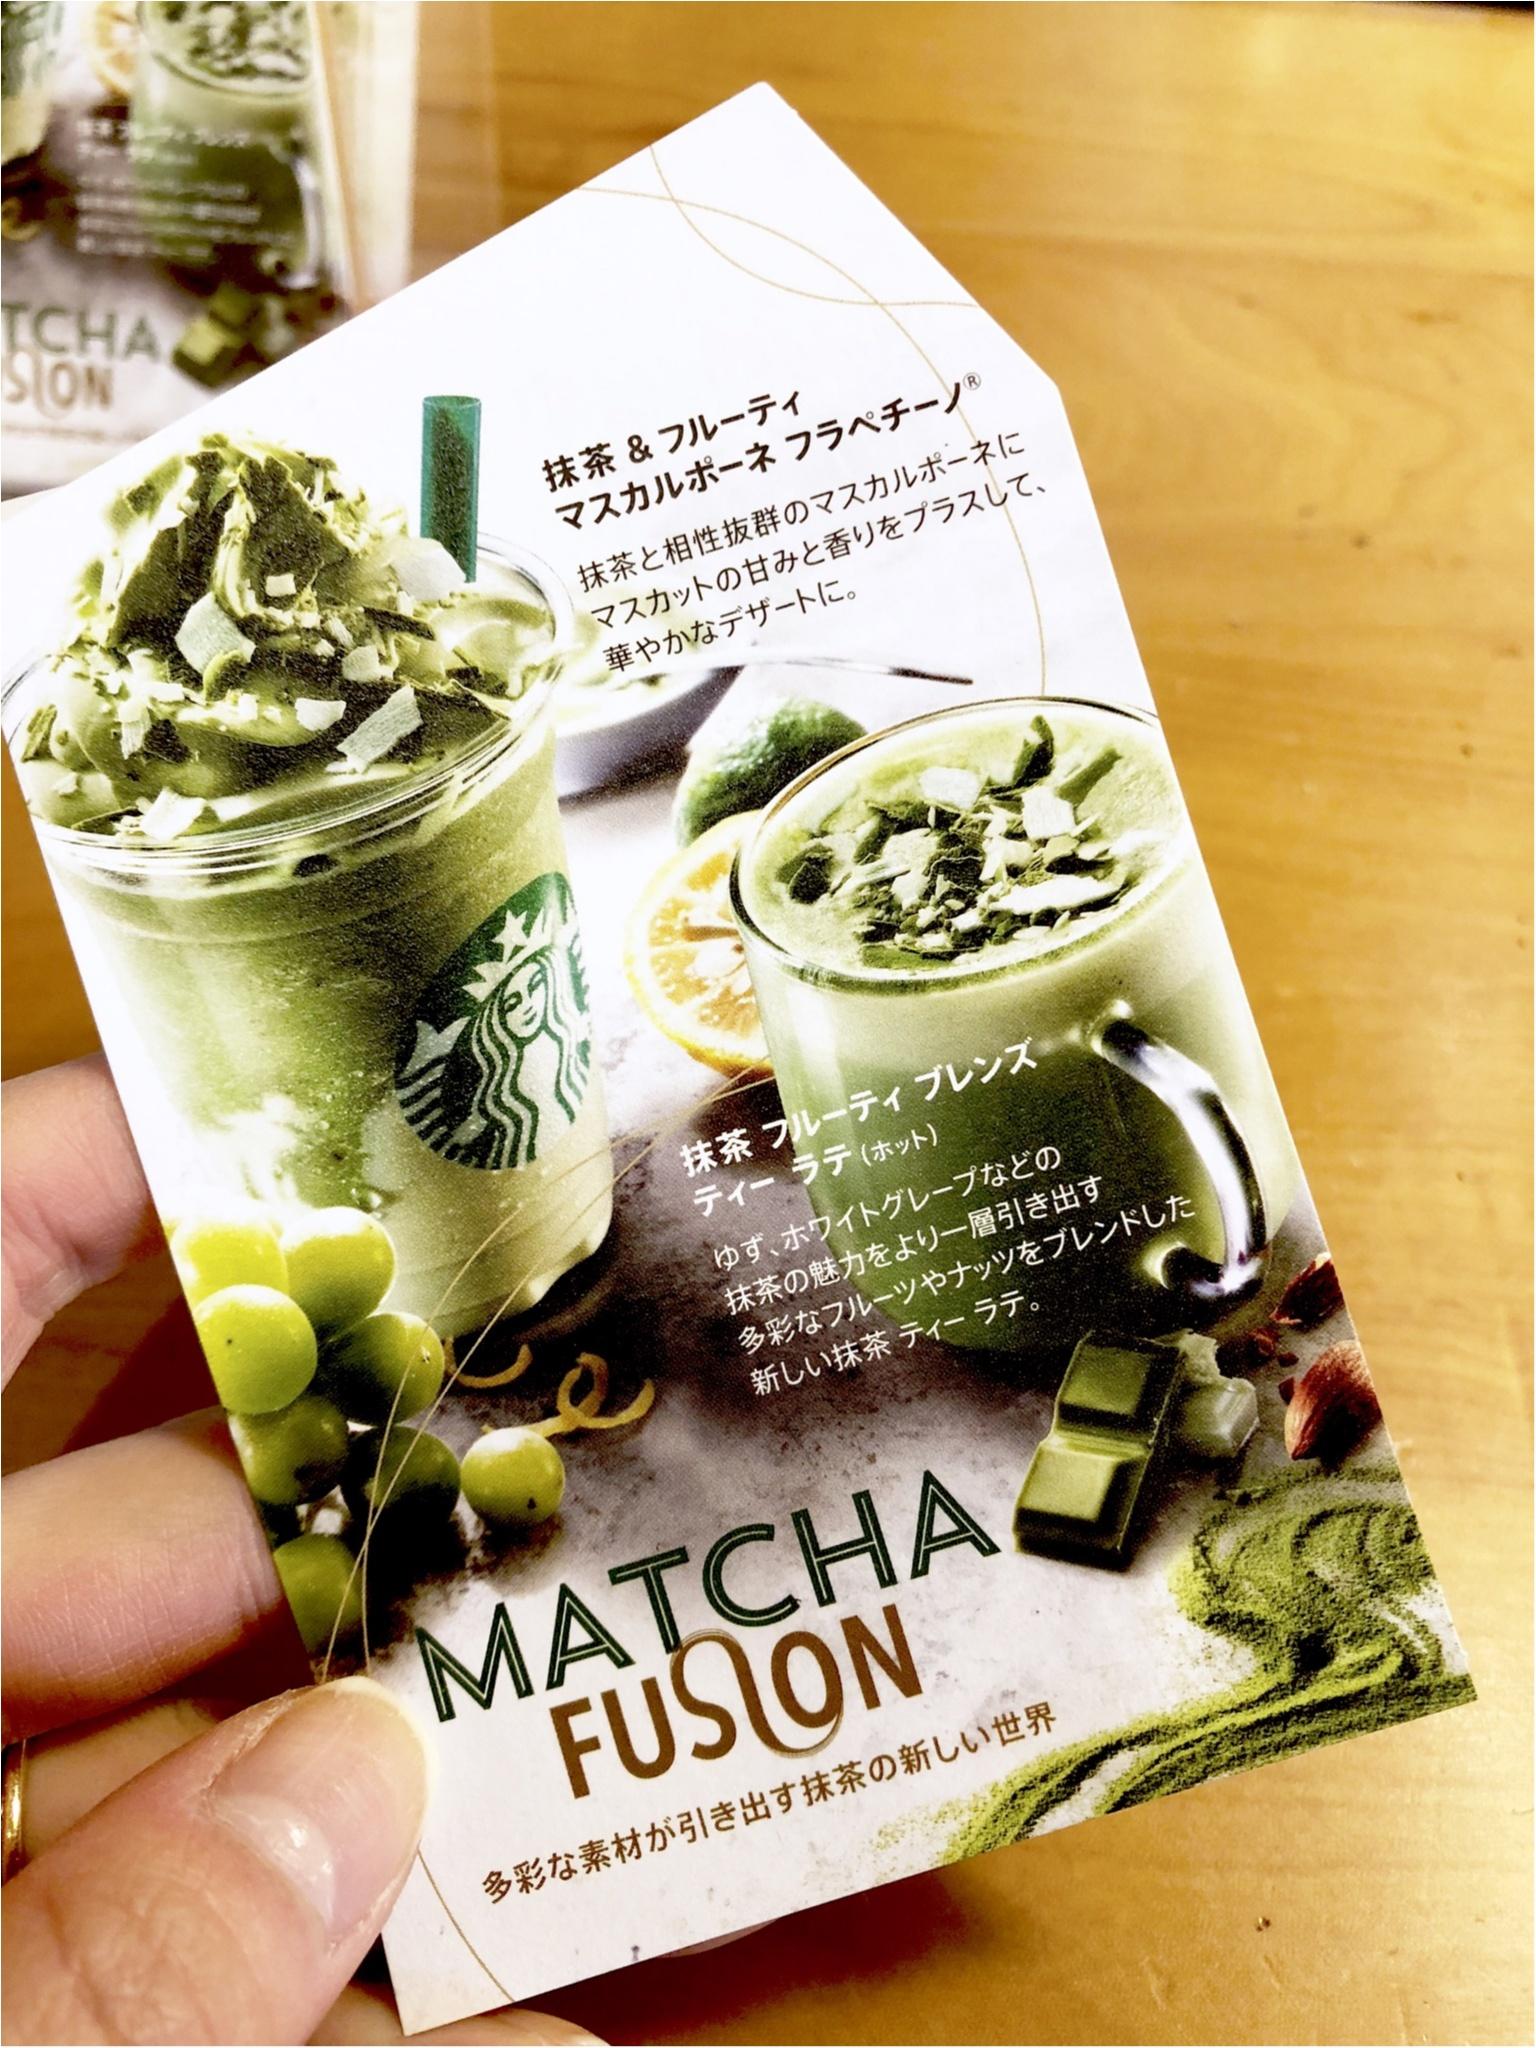 【スタバ】今日から発売の《抹茶フュージョン》!抹茶なのにマスカットの味?な、新作フラペチーノが絶品❤️_1